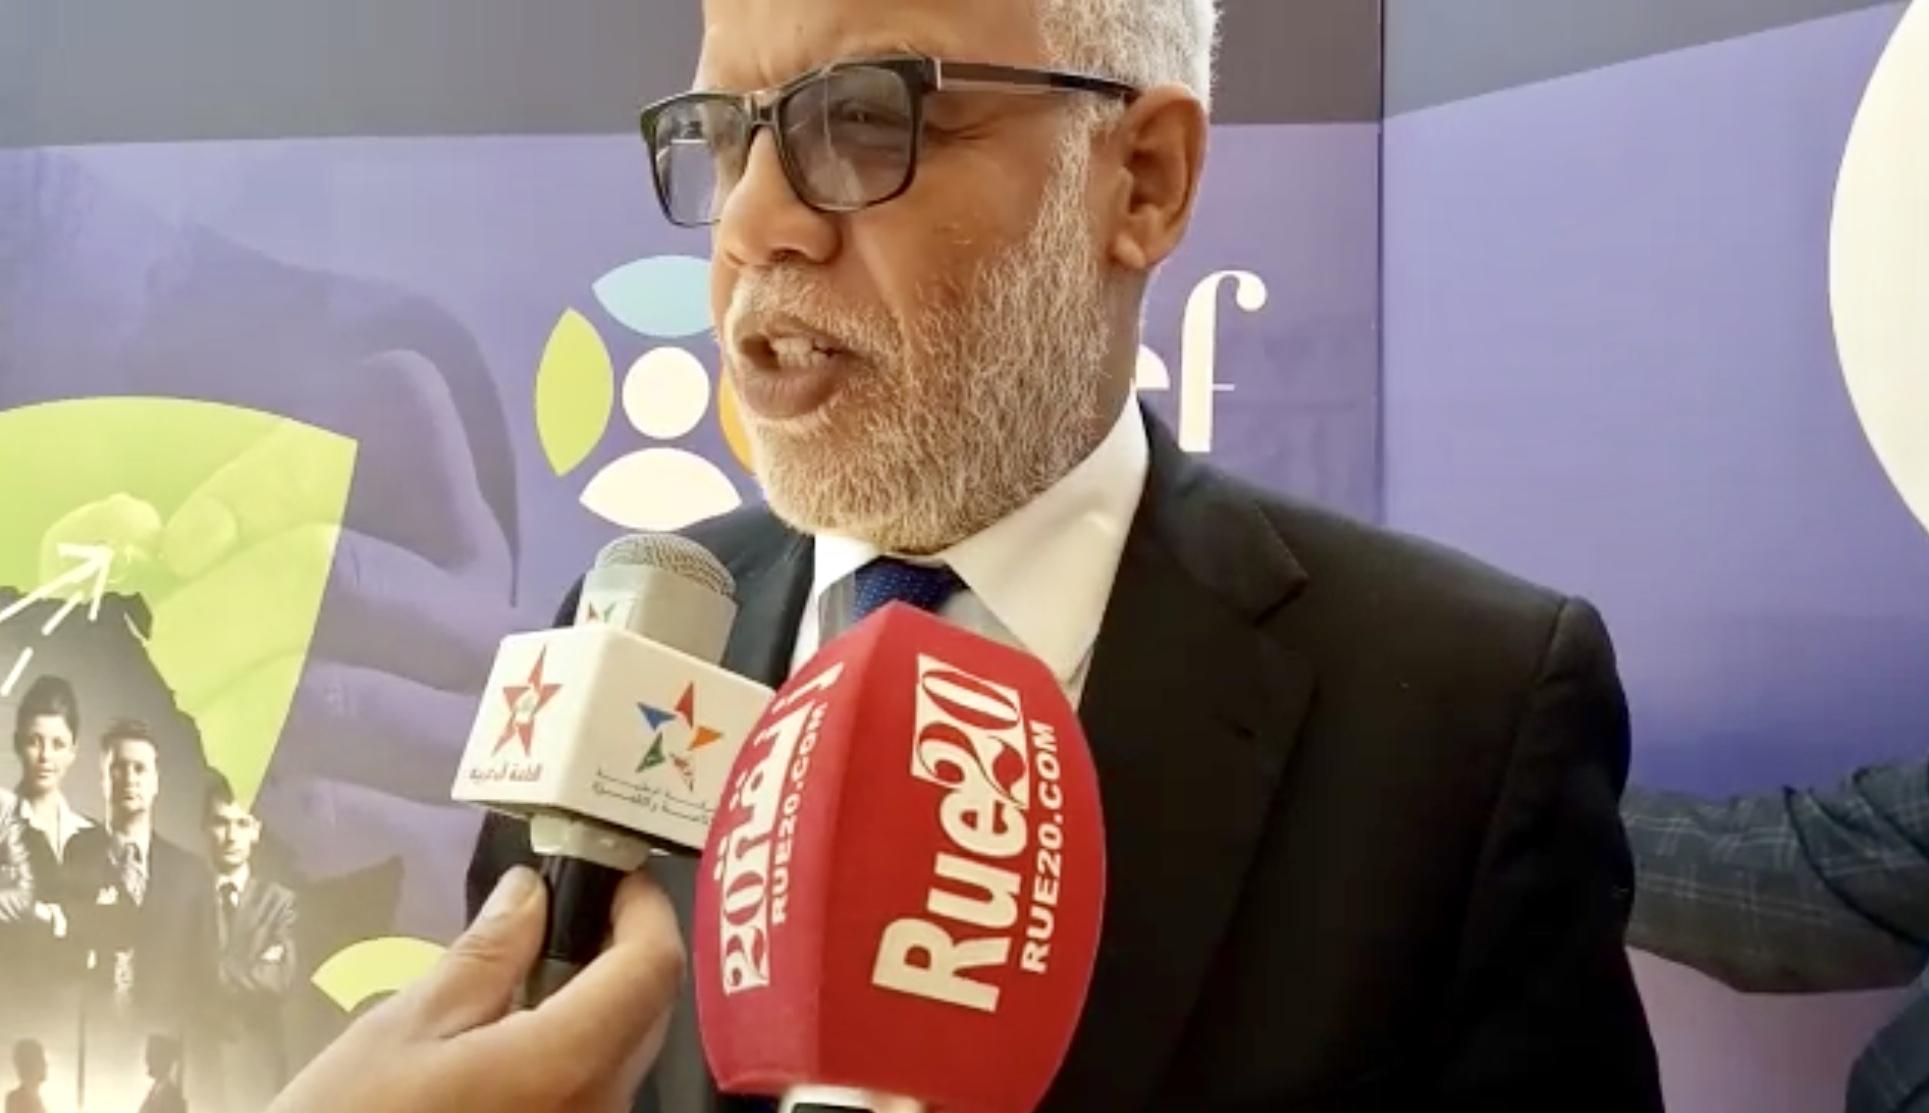 يتيم: 'إغتصاب عاملات مغربيات بحُقول إسبانيا مجرد أخبار مُشوشة كاذبة'